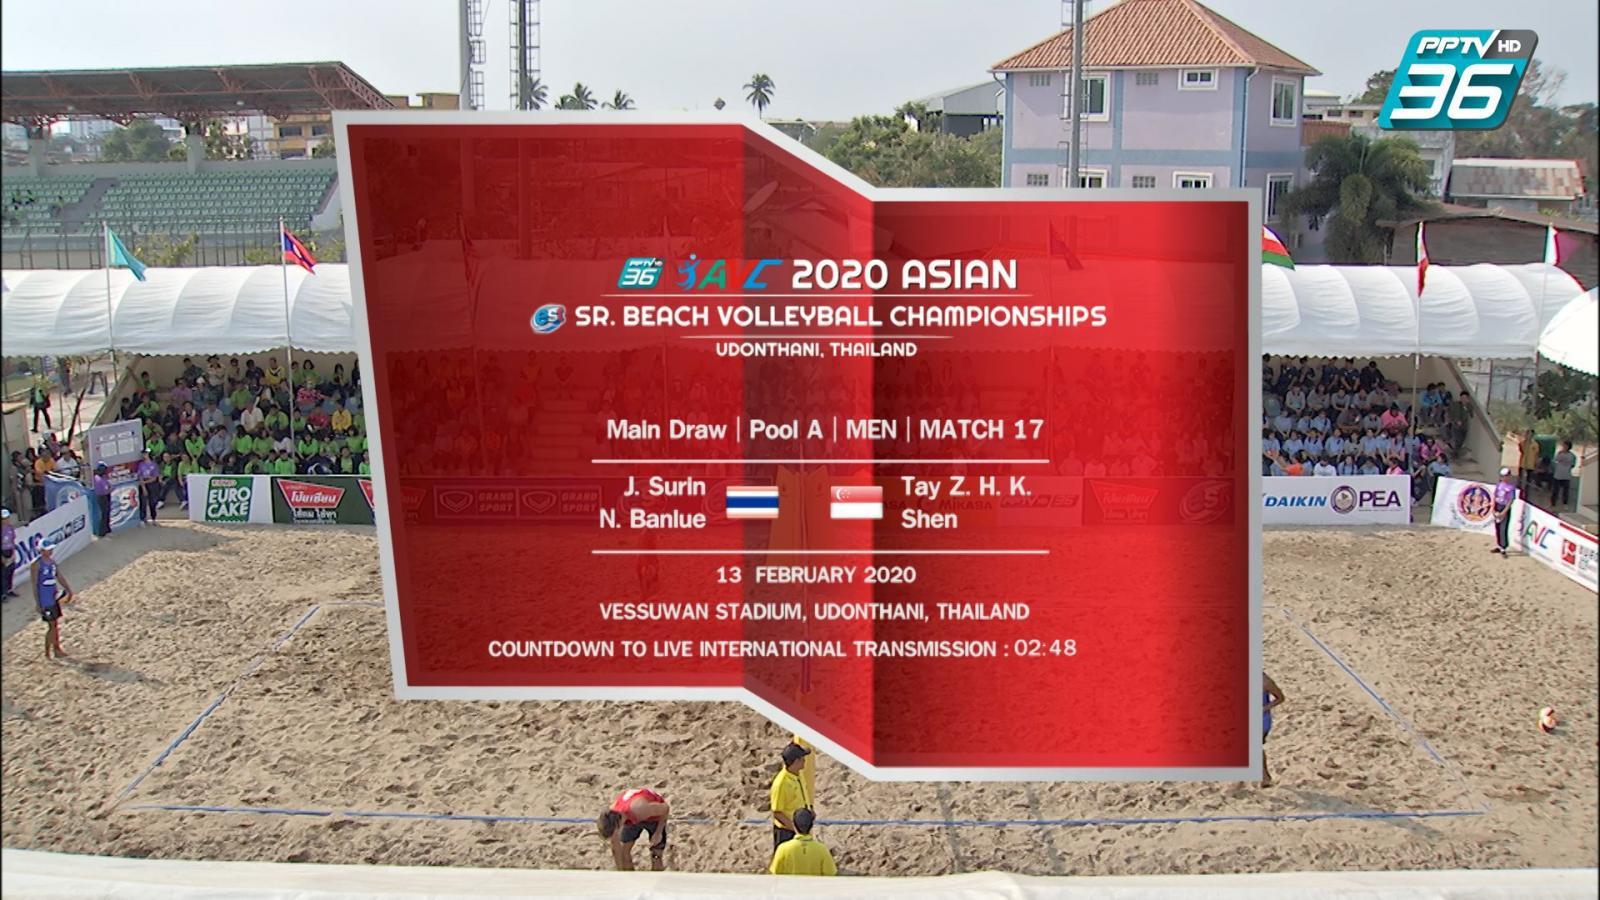 การแข่งขันวอลเลย์บอลชายหาด เอสโคล่า ชิงชนะเลิศแห่งเอเชีย ประเภทชายคู่ | ทีมชาติไทย พบ ทีมชาติสิงคโปร์